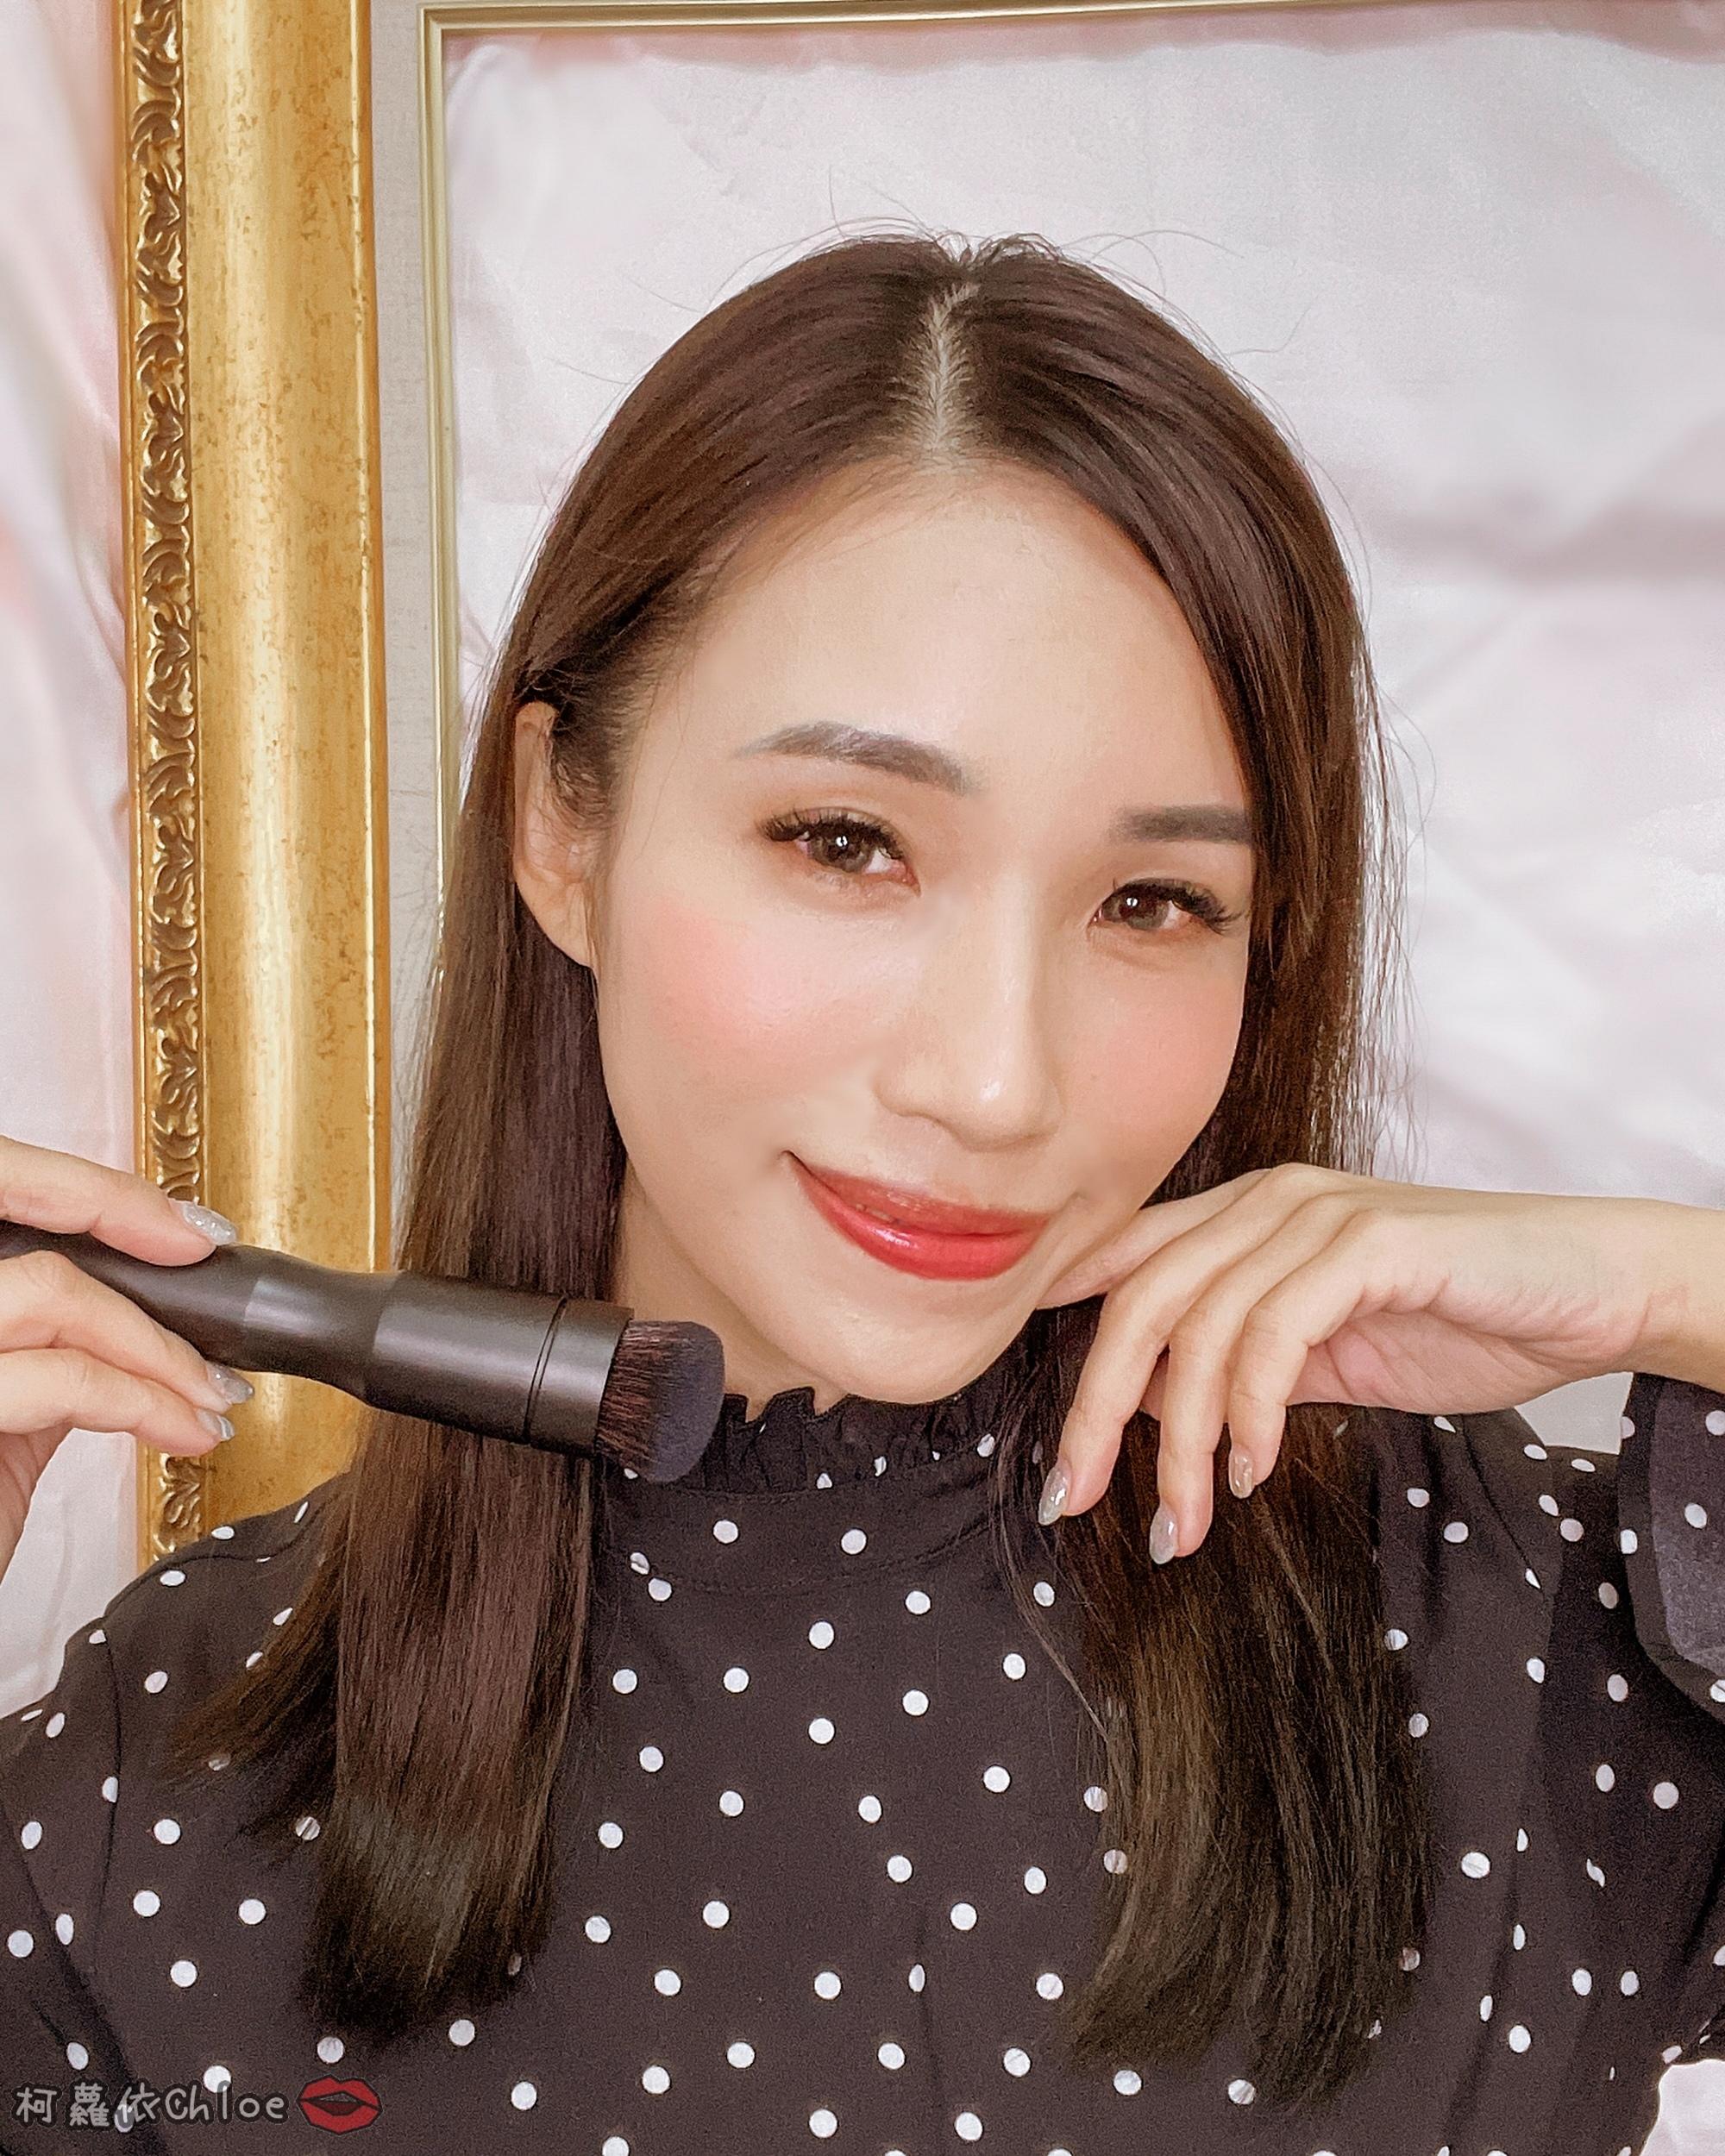 彩妝工具推薦 blendSMART電動化妝刷 達人套裝開箱 上妝輕柔更有效率35.jpg